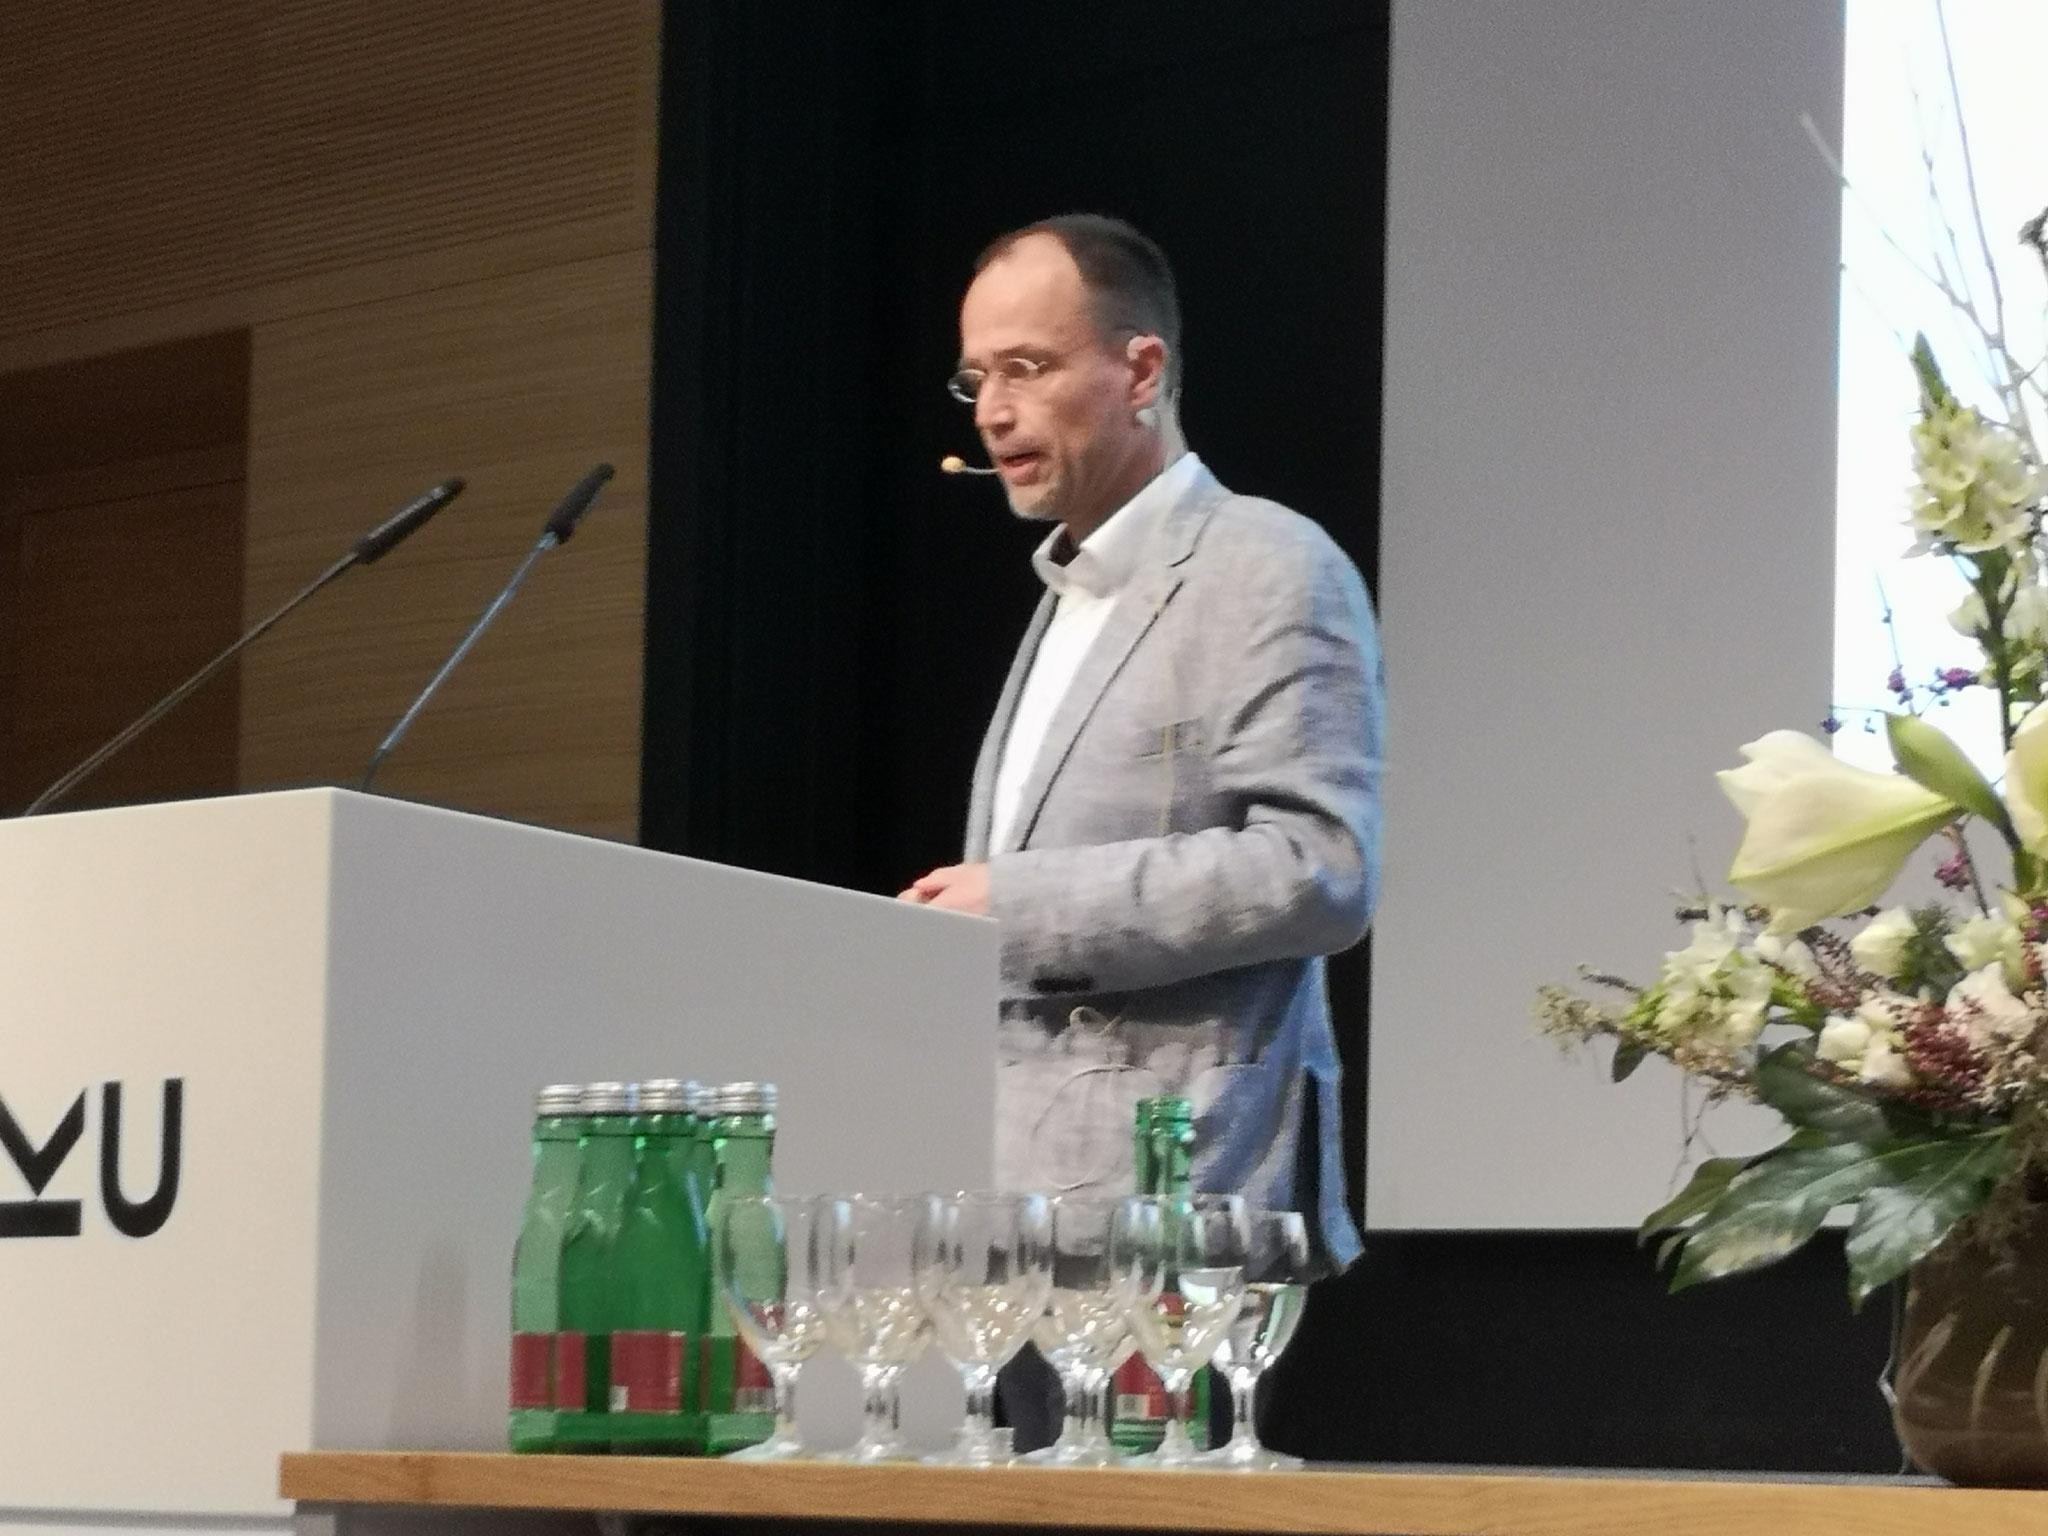 Martin Plöderl